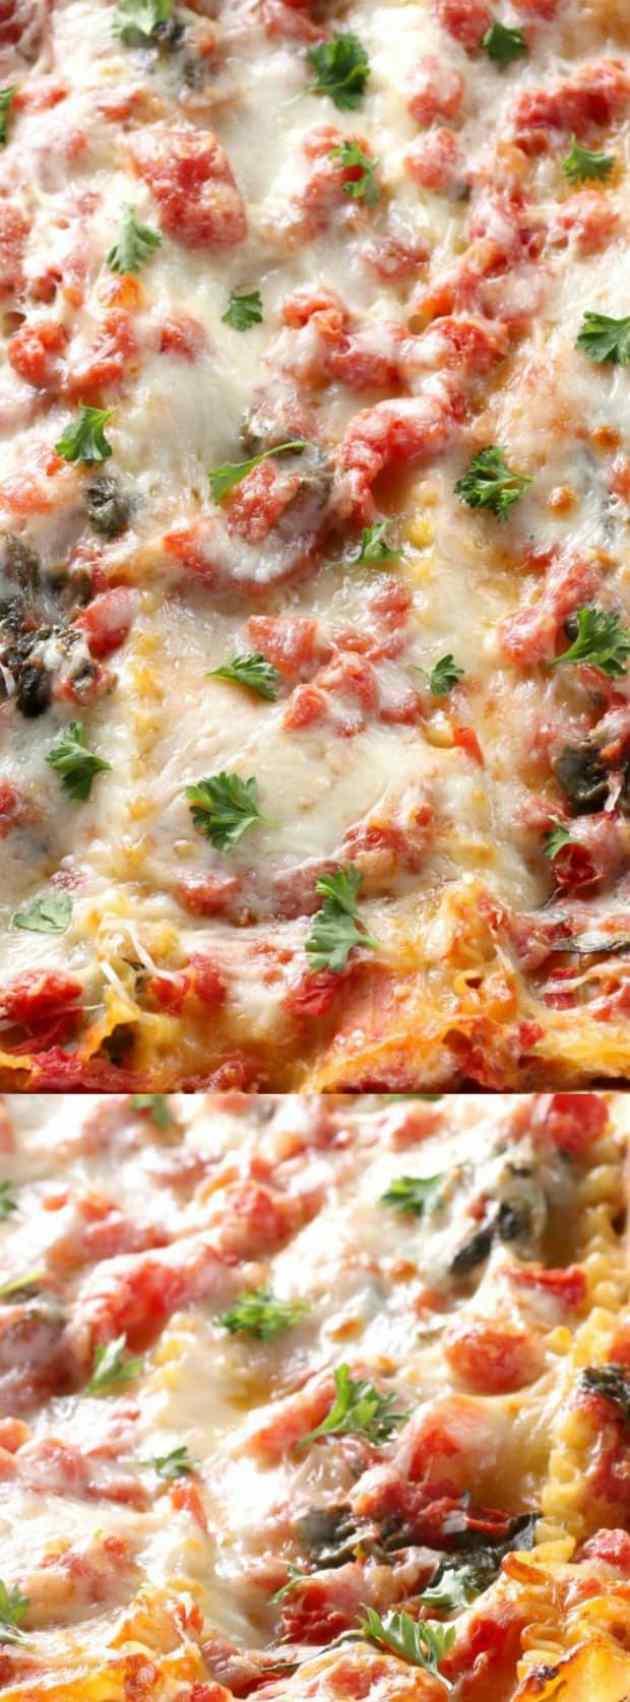 Cheesy Spinach Lasagna Longpin